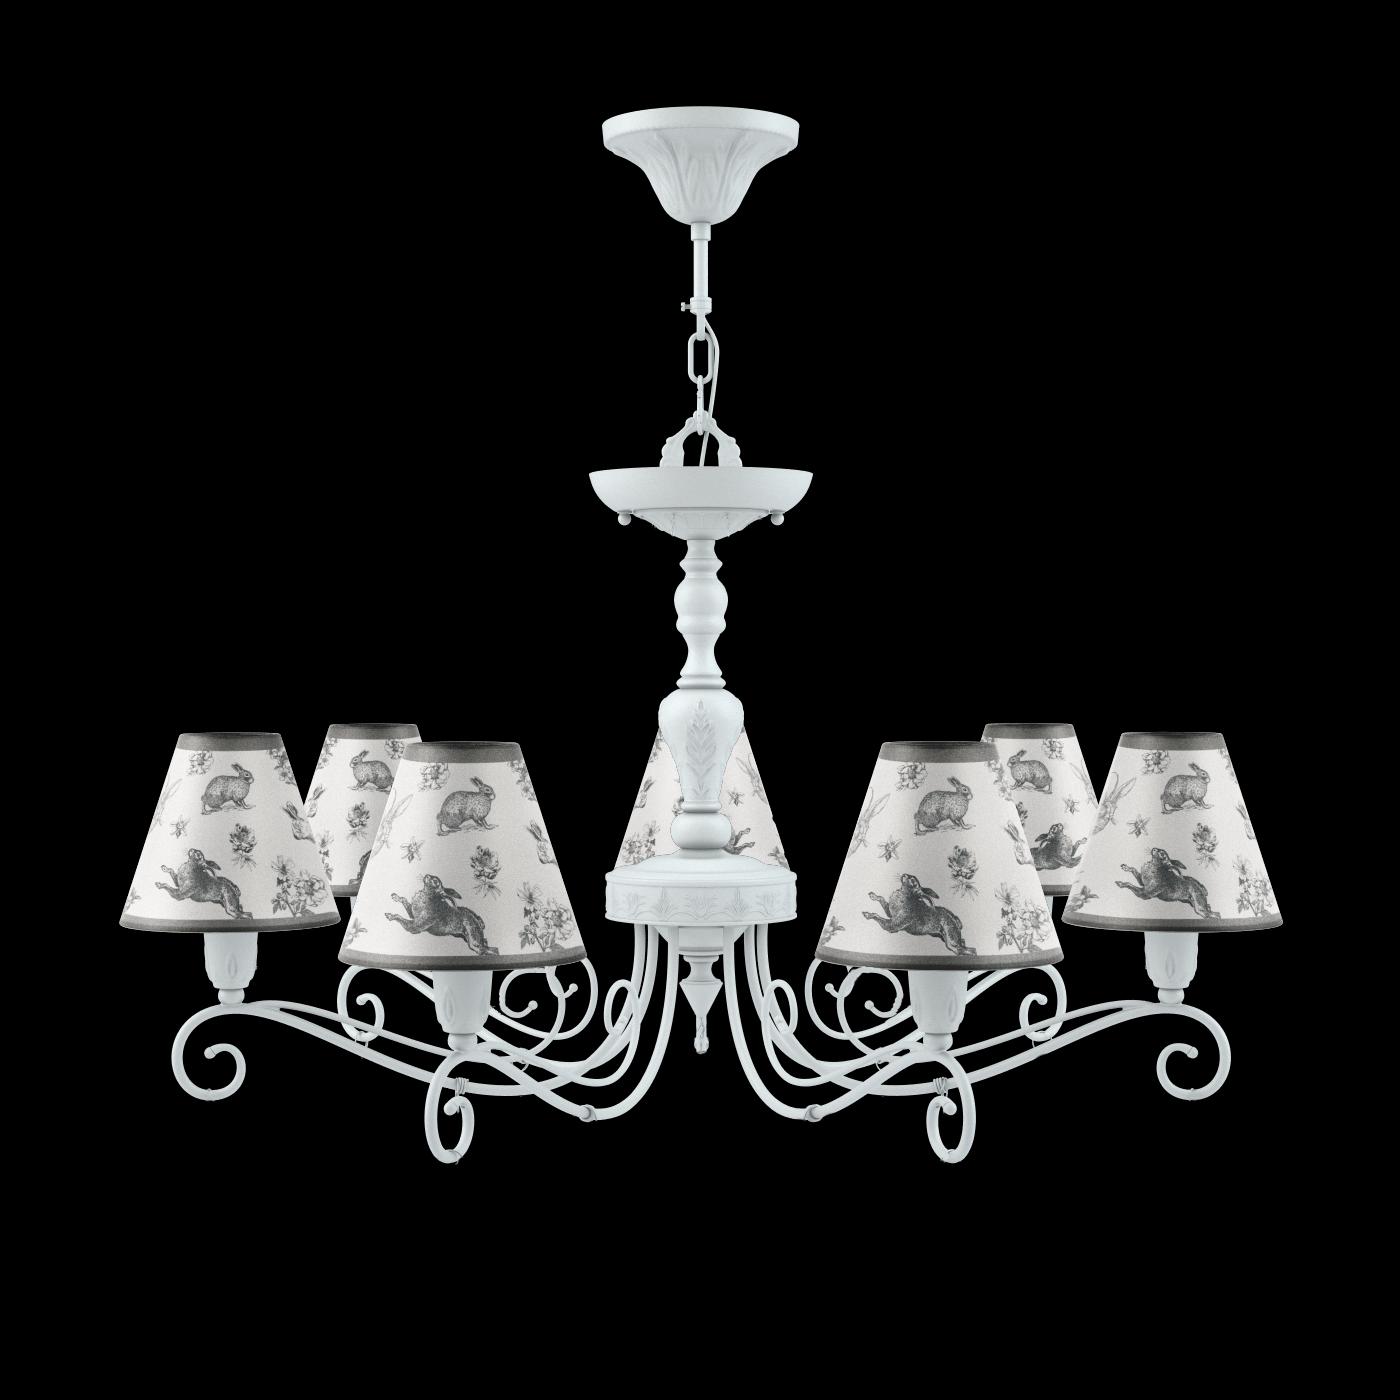 Фото товара E4-07-WM-LMP-O-8 Lamp4You